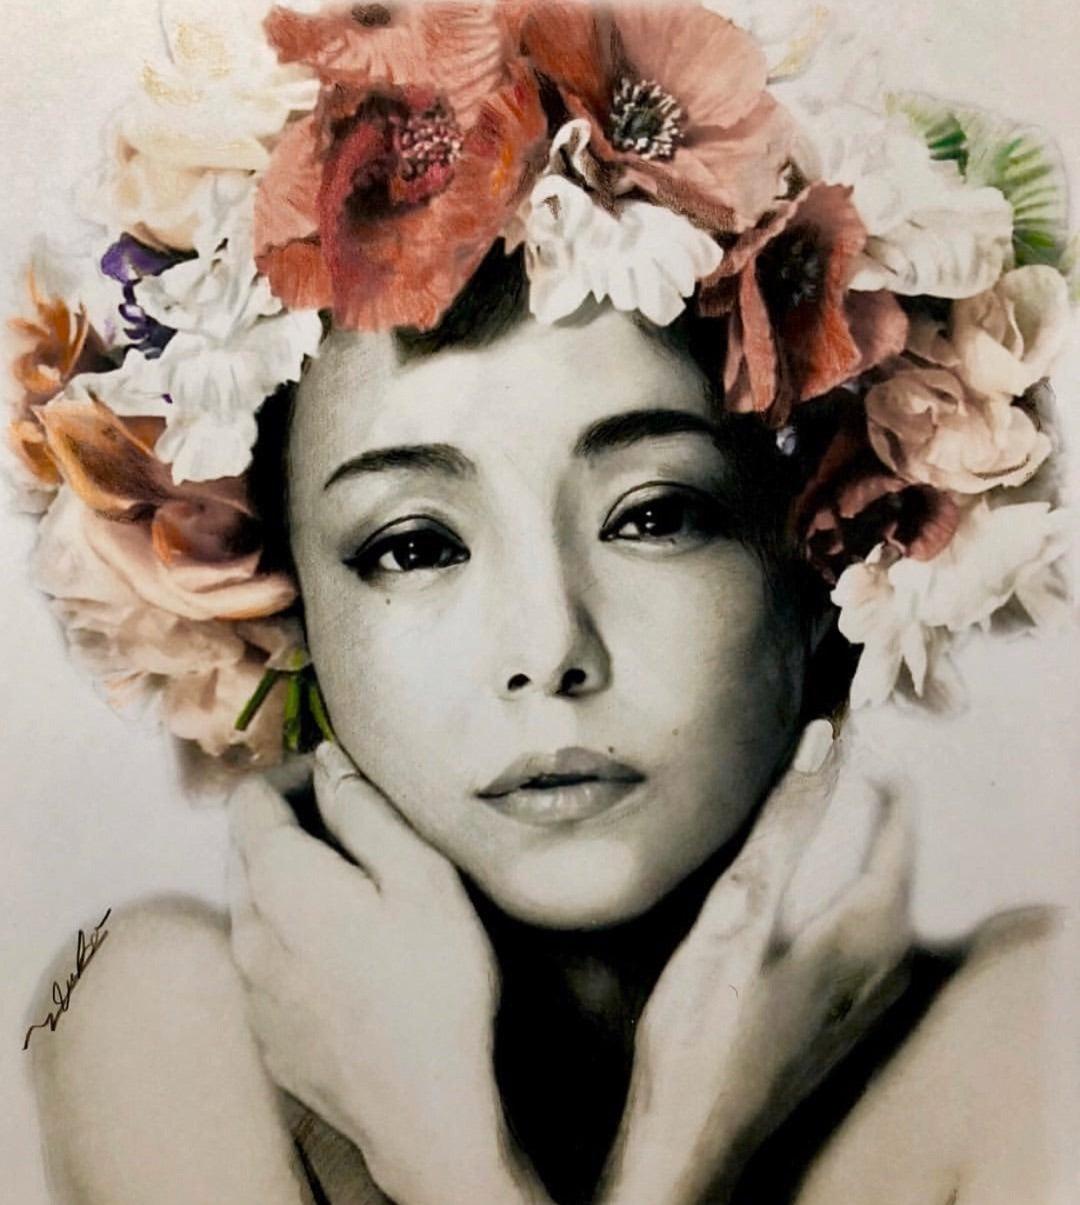 ゆうこりんの秘密の小部屋 (yukomakimura)色鉛筆画、鉛筆画、色鉛筆画リアル、水彩画、ペット似顔絵、似顔絵安室奈美恵ちゃんを色鉛筆で描く